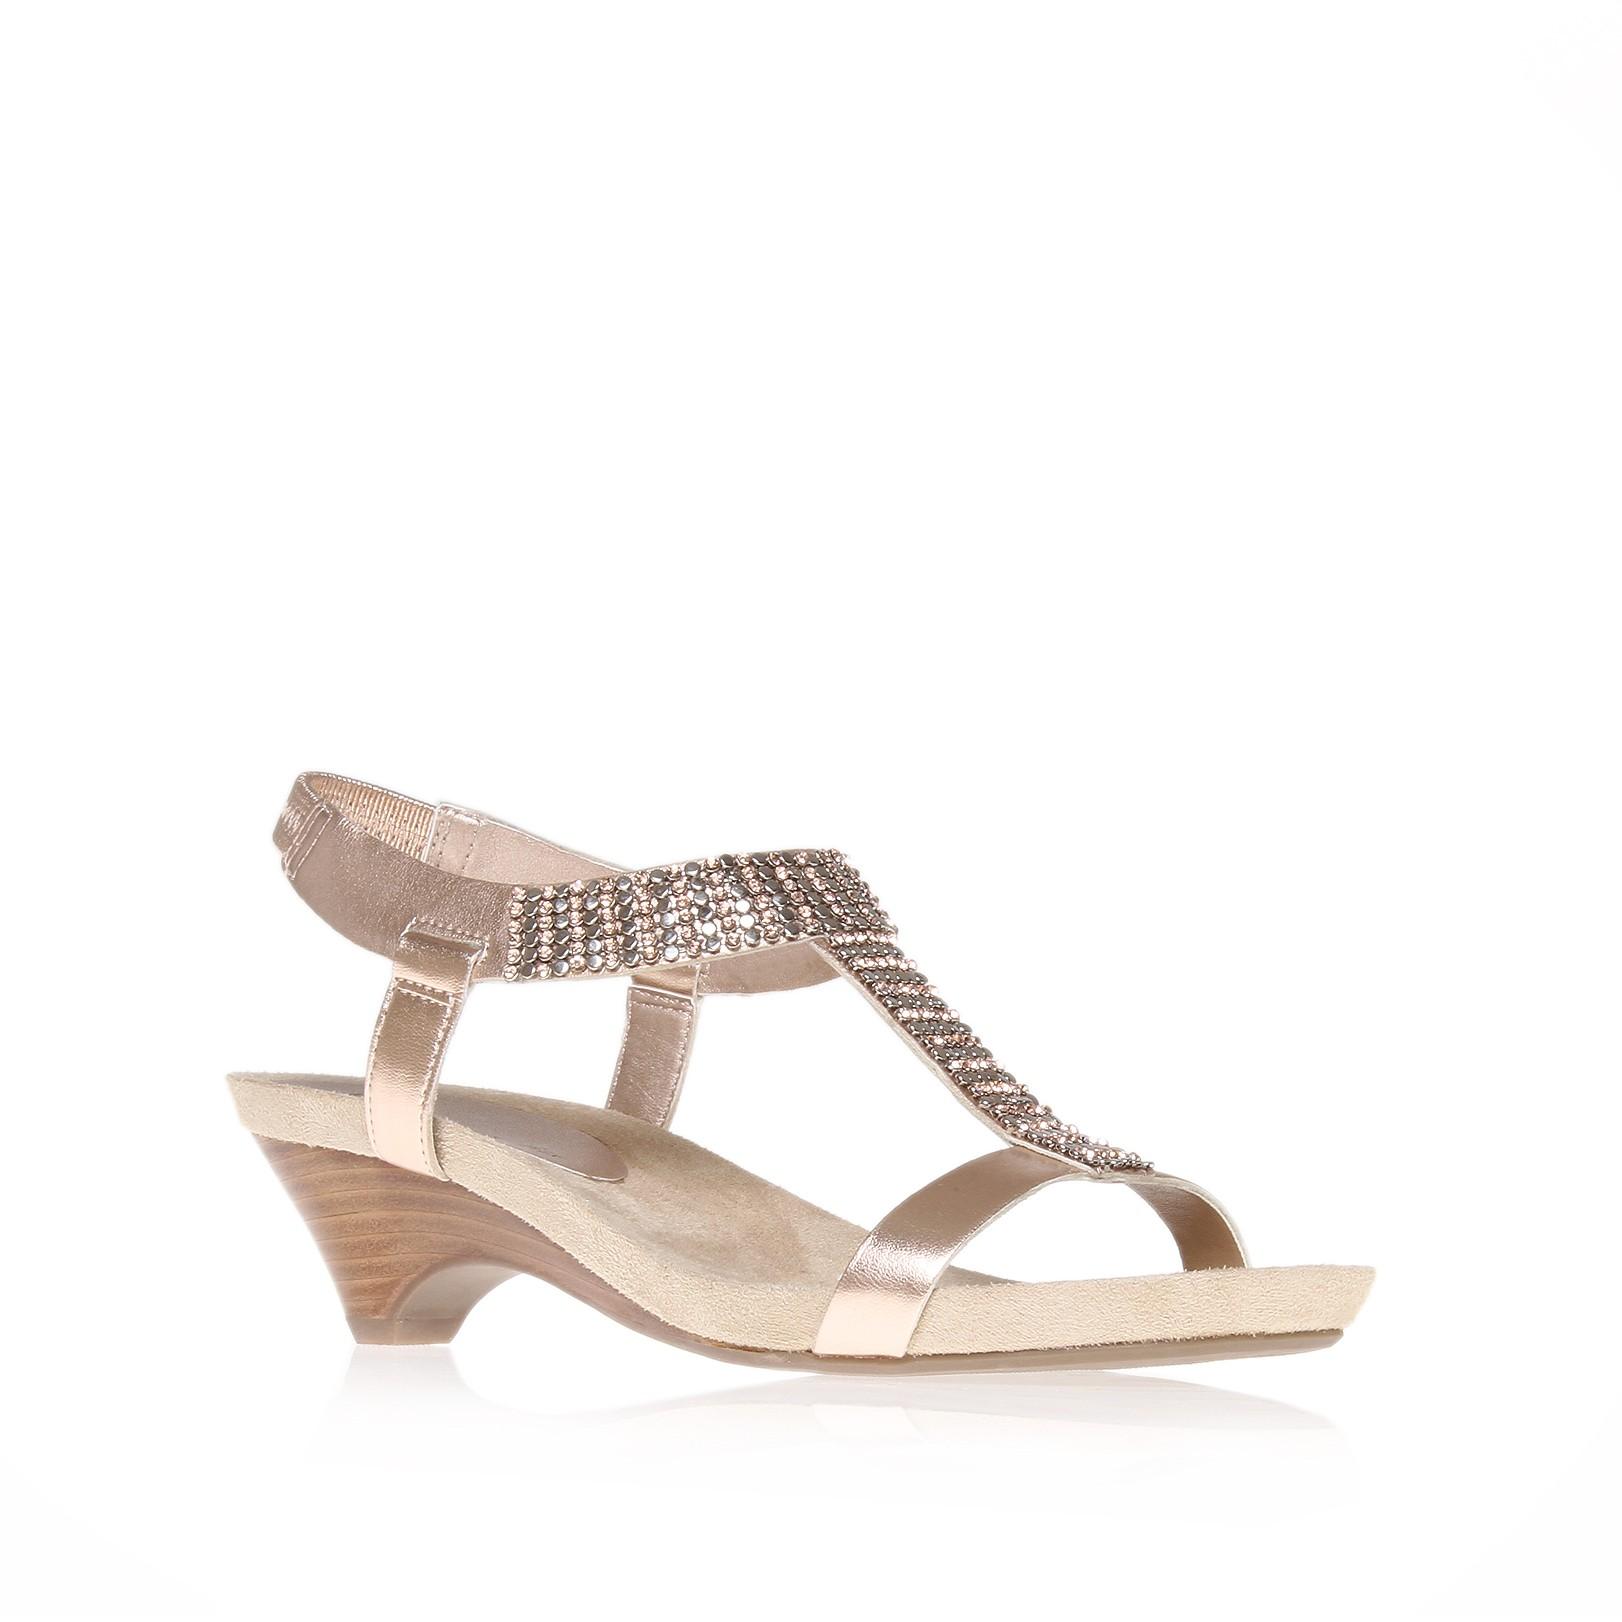 Anne Klein Women S Shoes